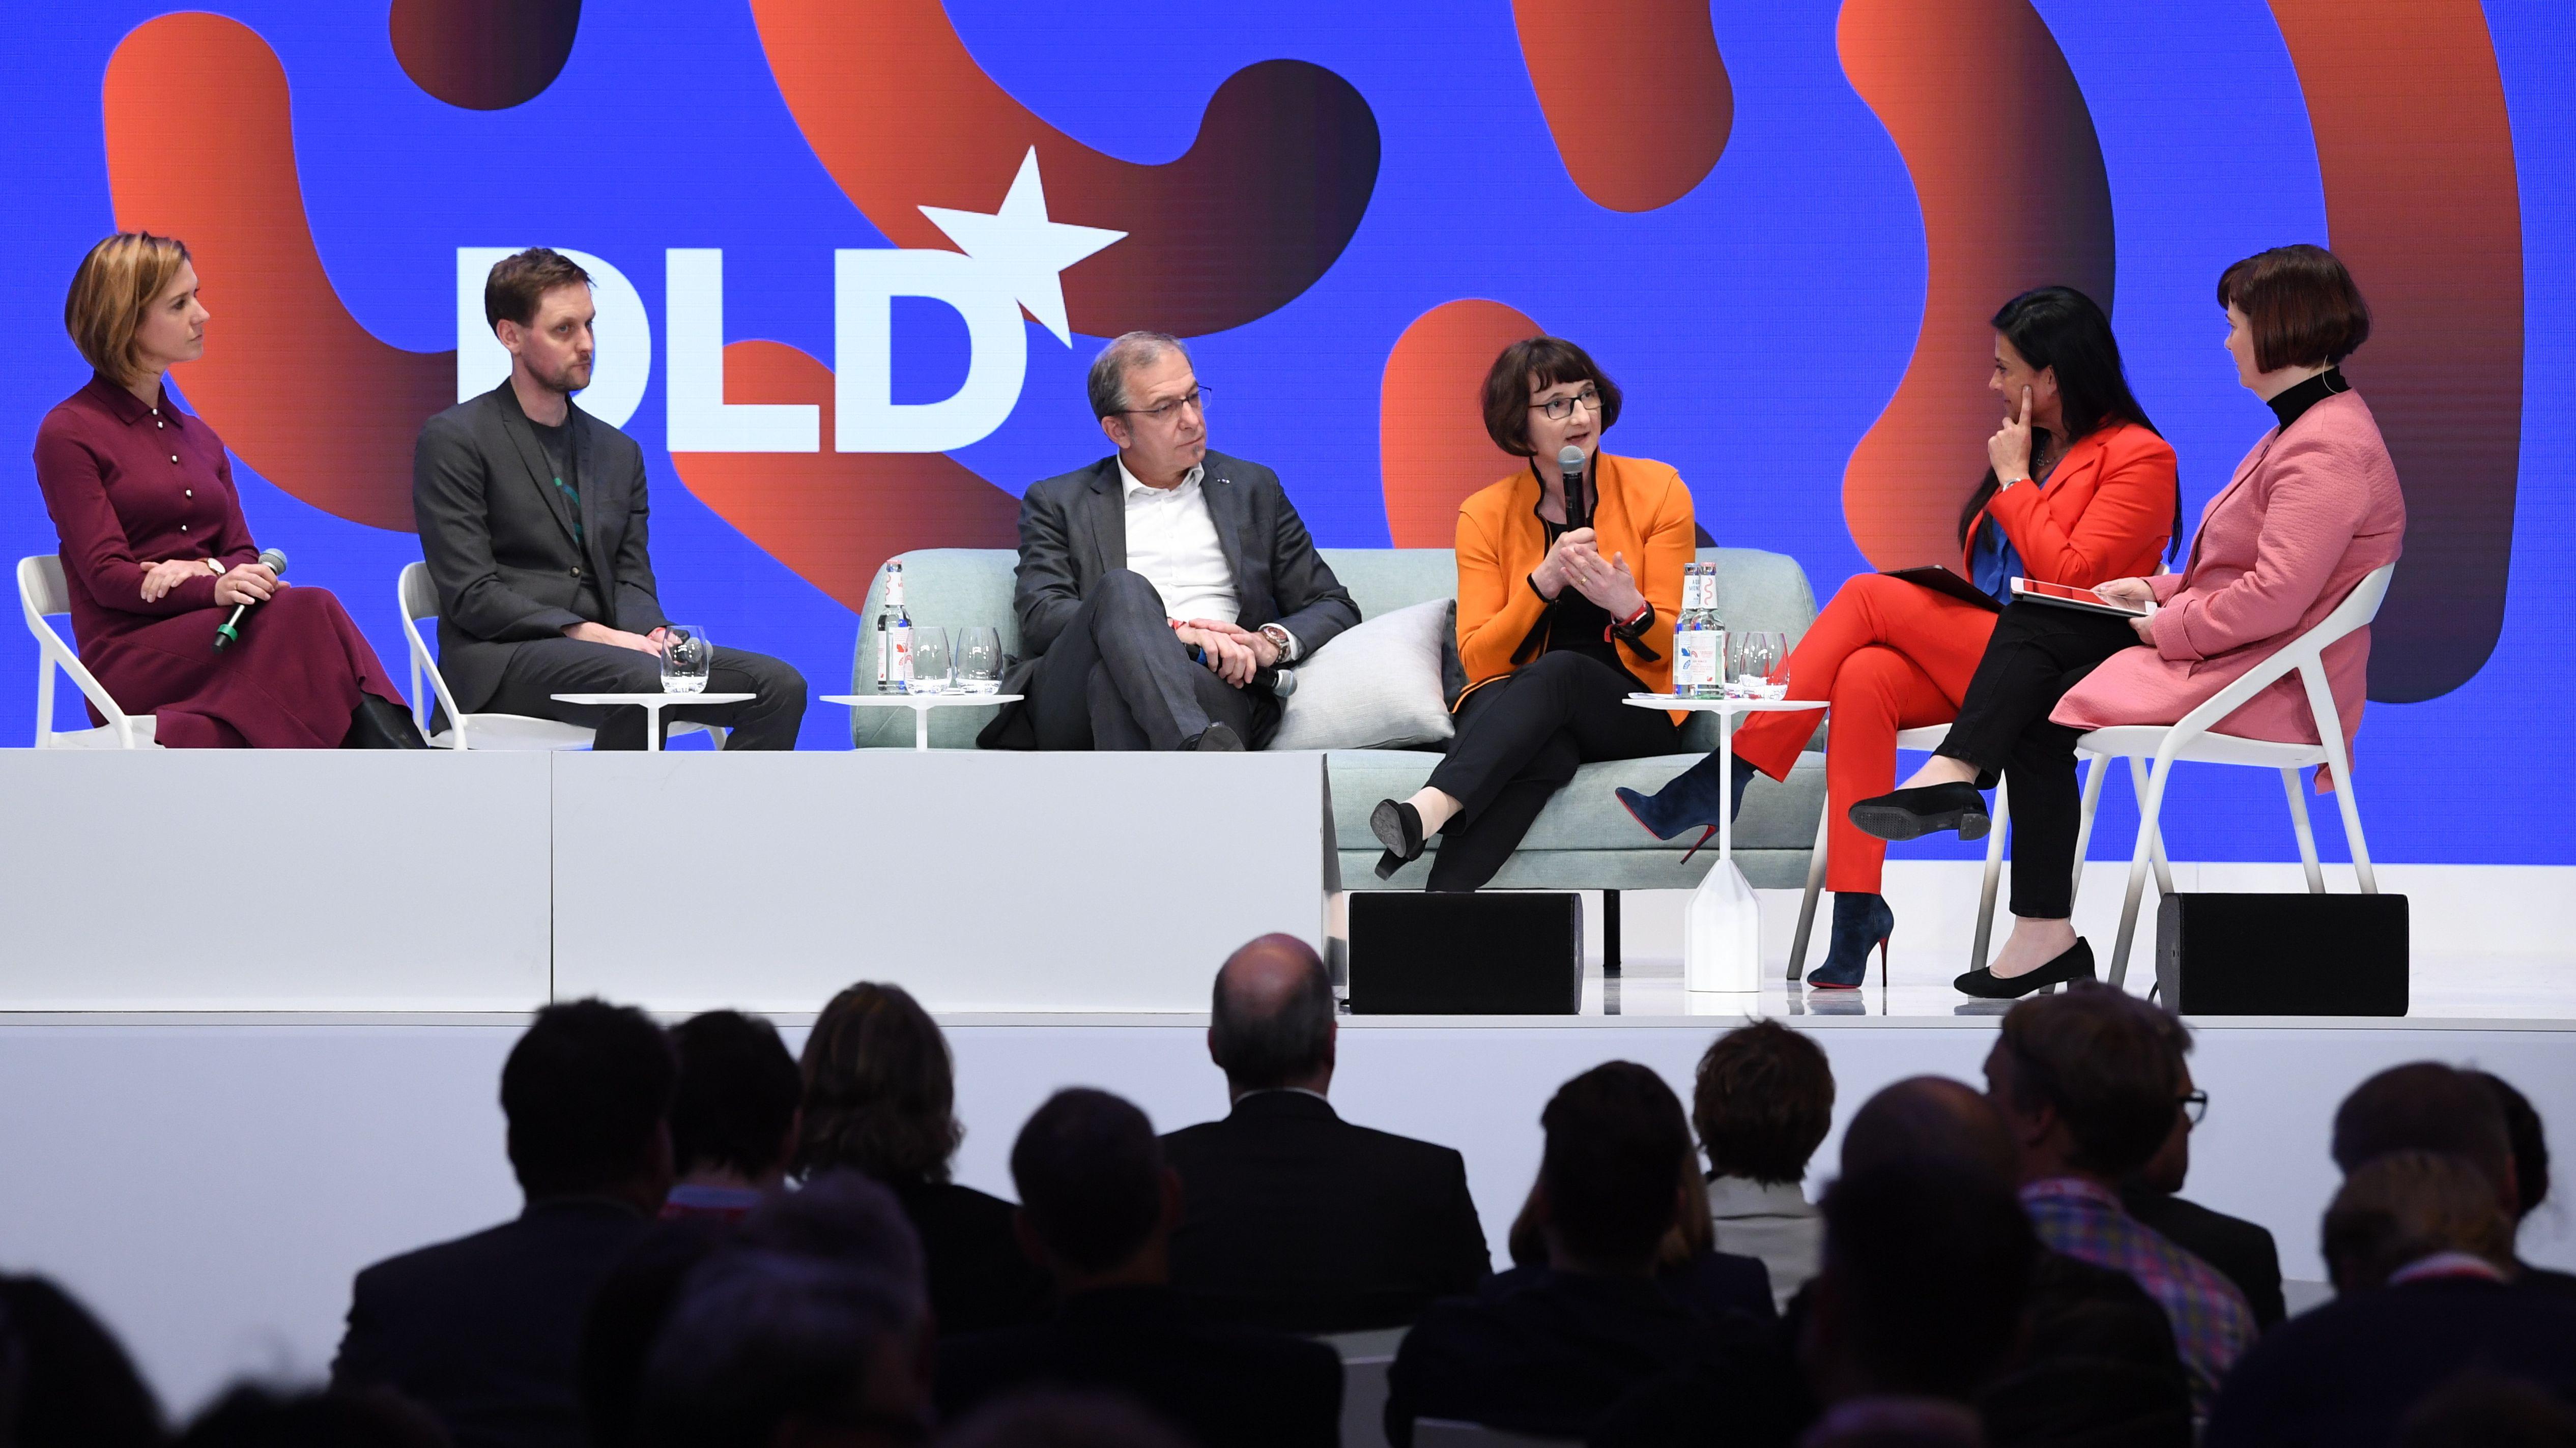 Beim DLD 2020 in München diskutiert ein Panel über die Zukunft des Quantencomputing